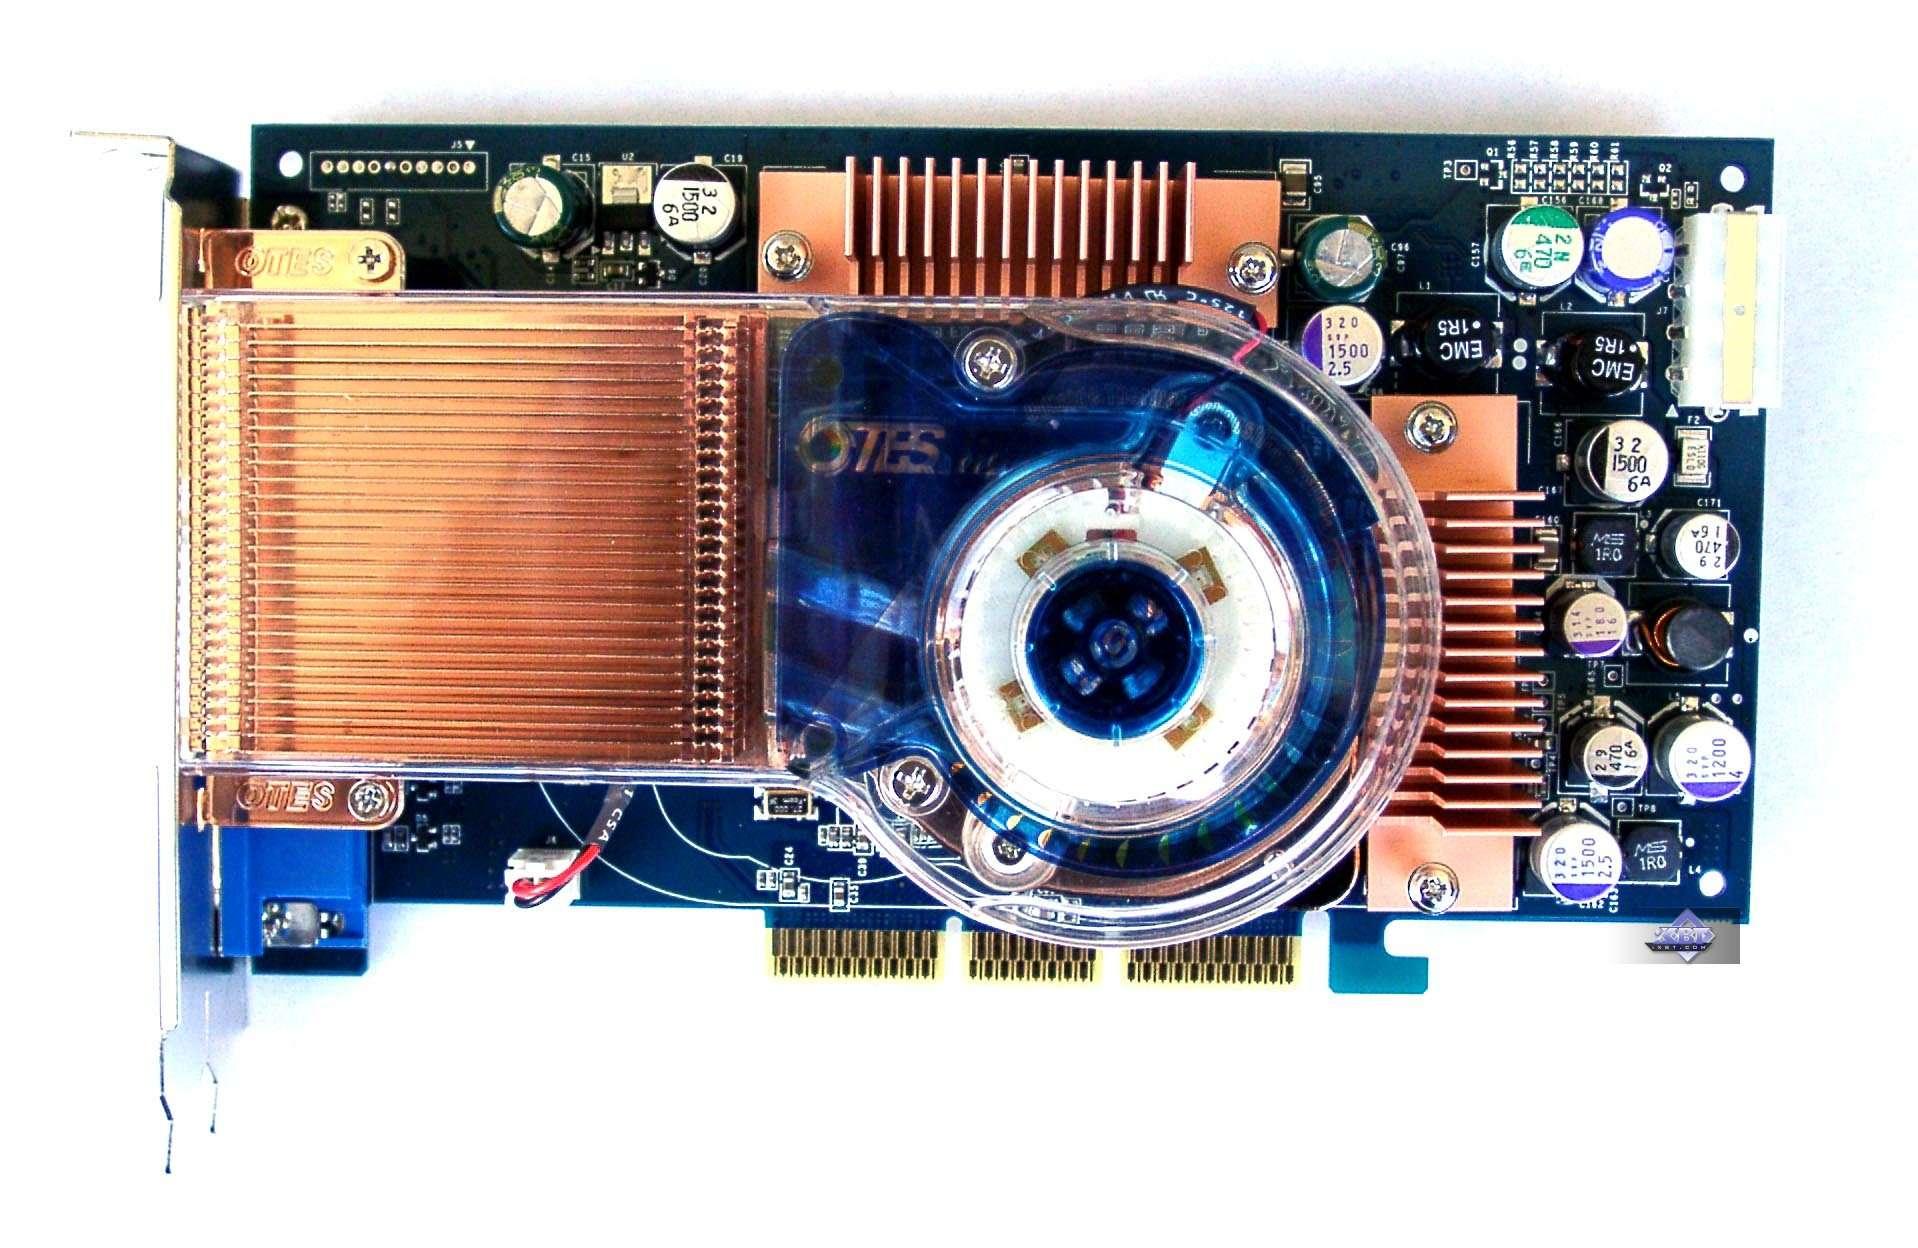 ABIT SILURO FX5600 OTES DRIVER FOR WINDOWS 7